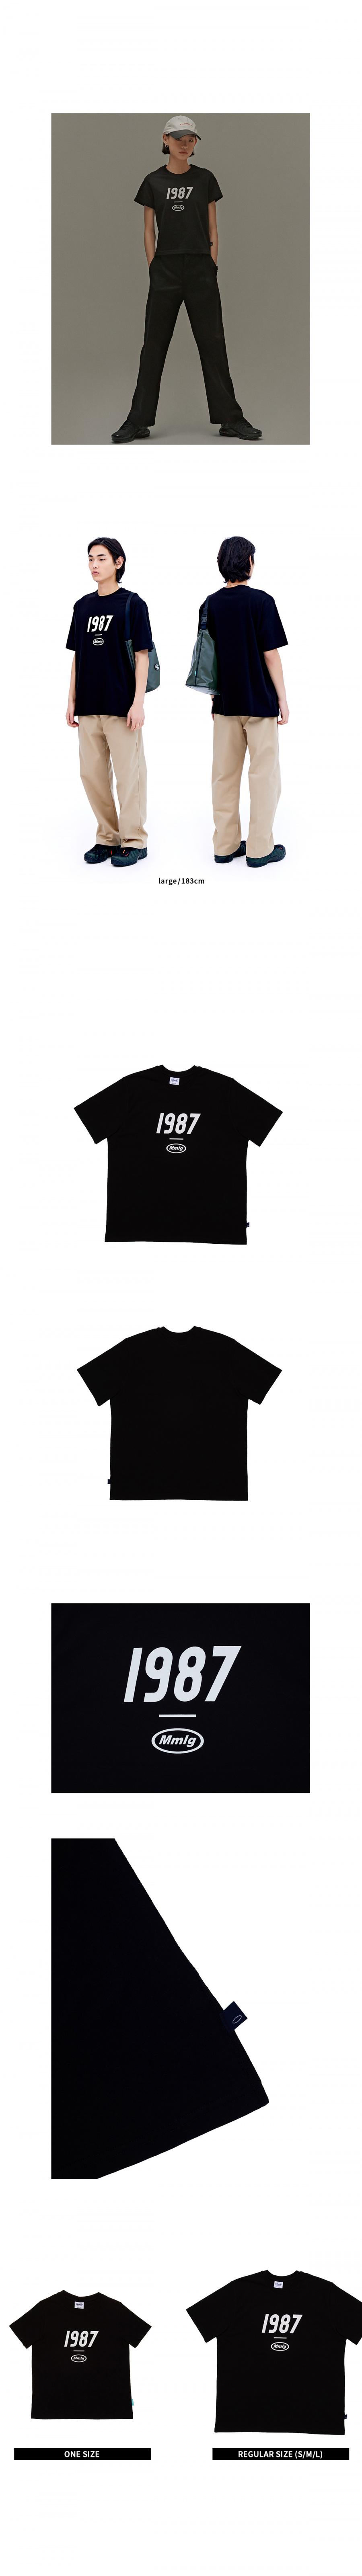 팔칠엠엠(87MM) [Mmlg] 1987MMLG HF-T (BLACK)